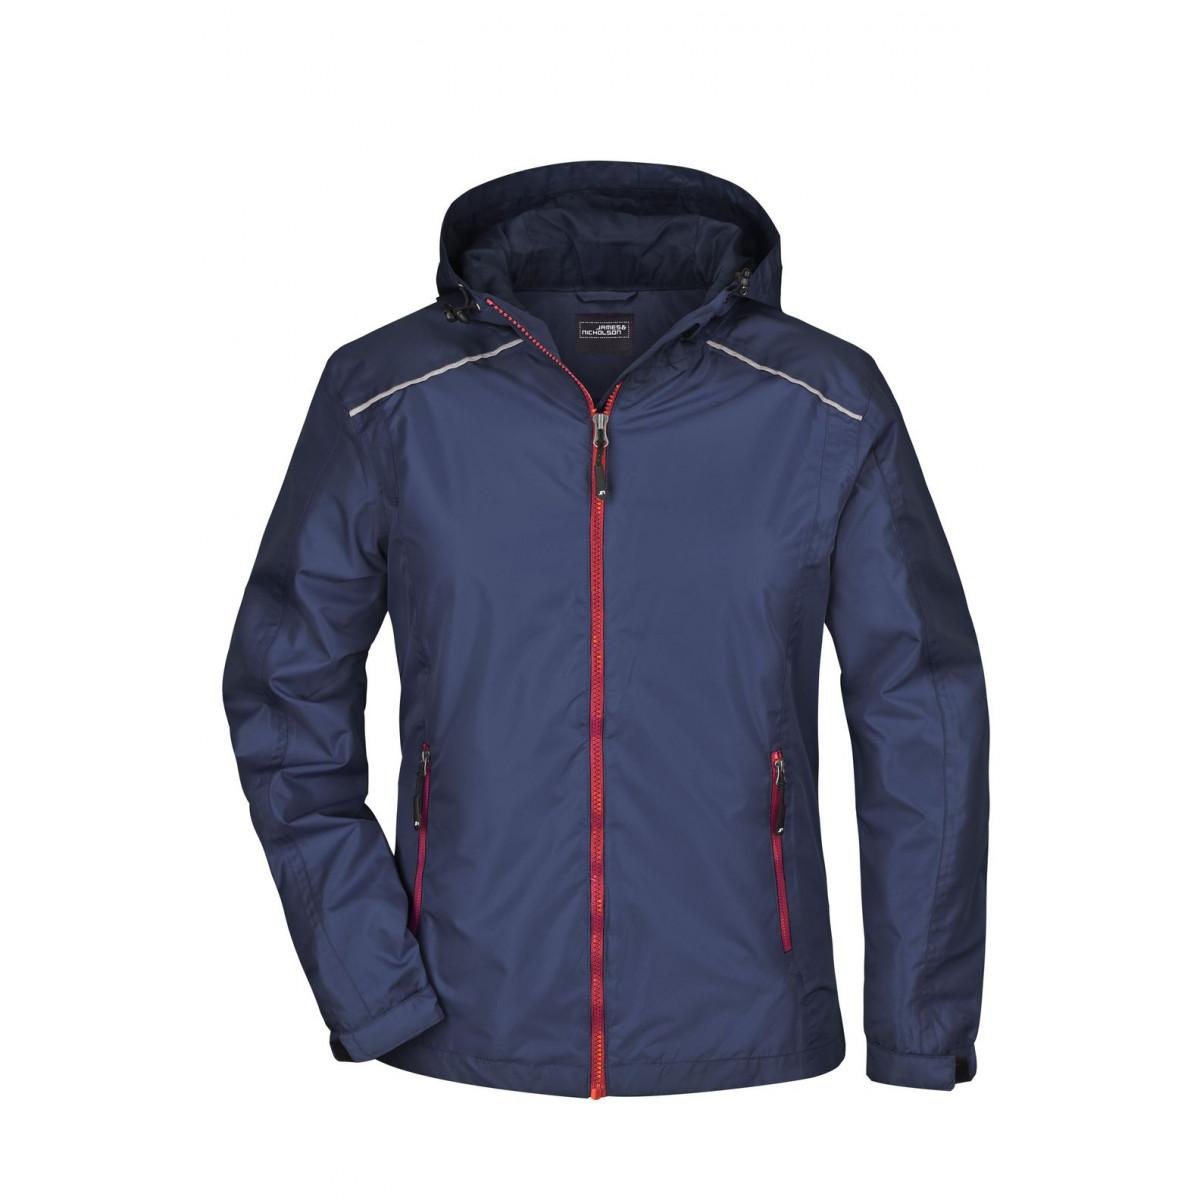 Куртка женская JN1117 Ladies Rain Jacket - Темно-синий/Красный